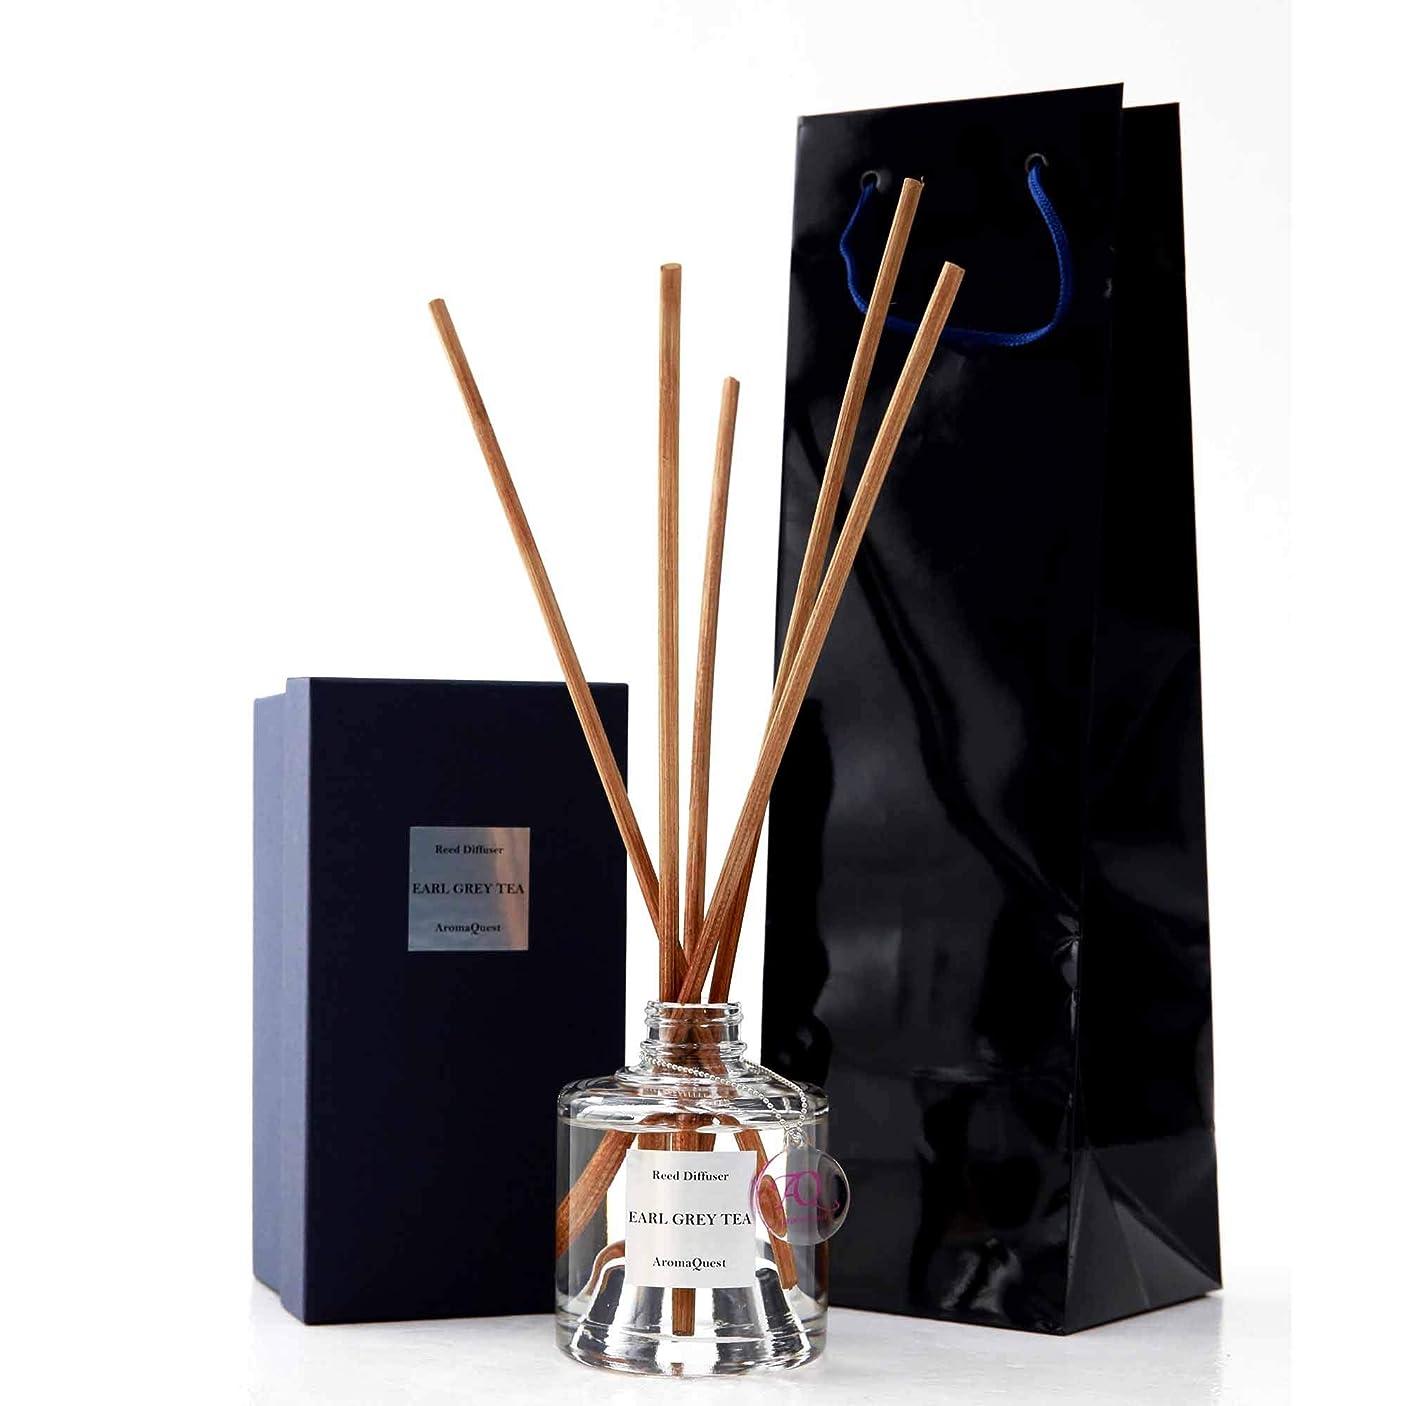 期限専門実行するルームフレグランス リードディフューザー アロマディフューザー 150ml アールグレイティー EARL GREY TEA 紅茶の香り